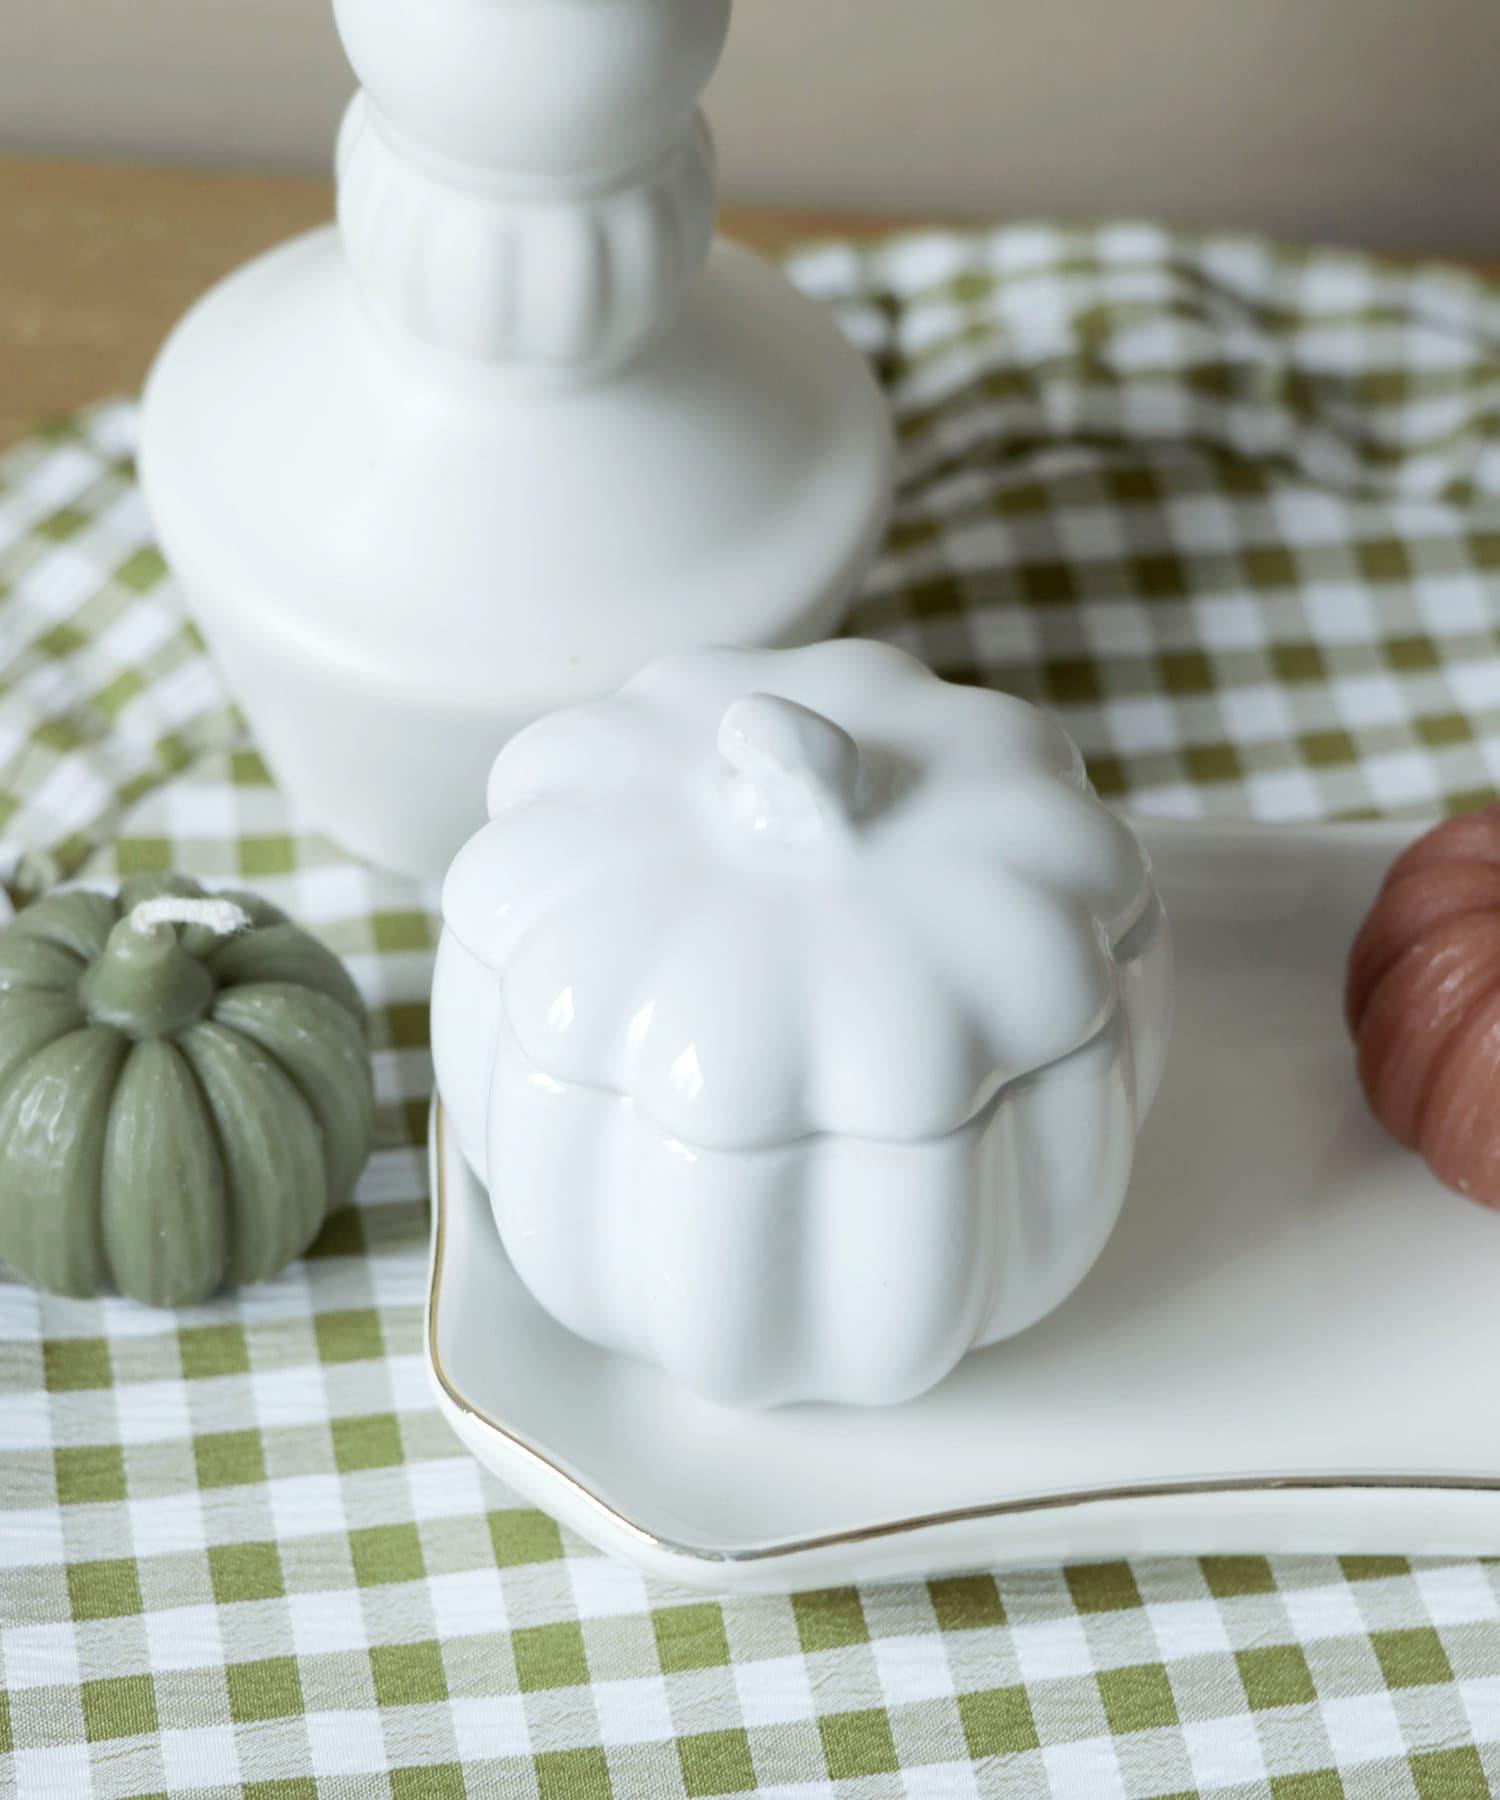 3COINS(スリーコインズ) ライフスタイル 【ハロウィンを楽しむお部屋づくり】陶器かぼちゃ小物入れ アイボリー